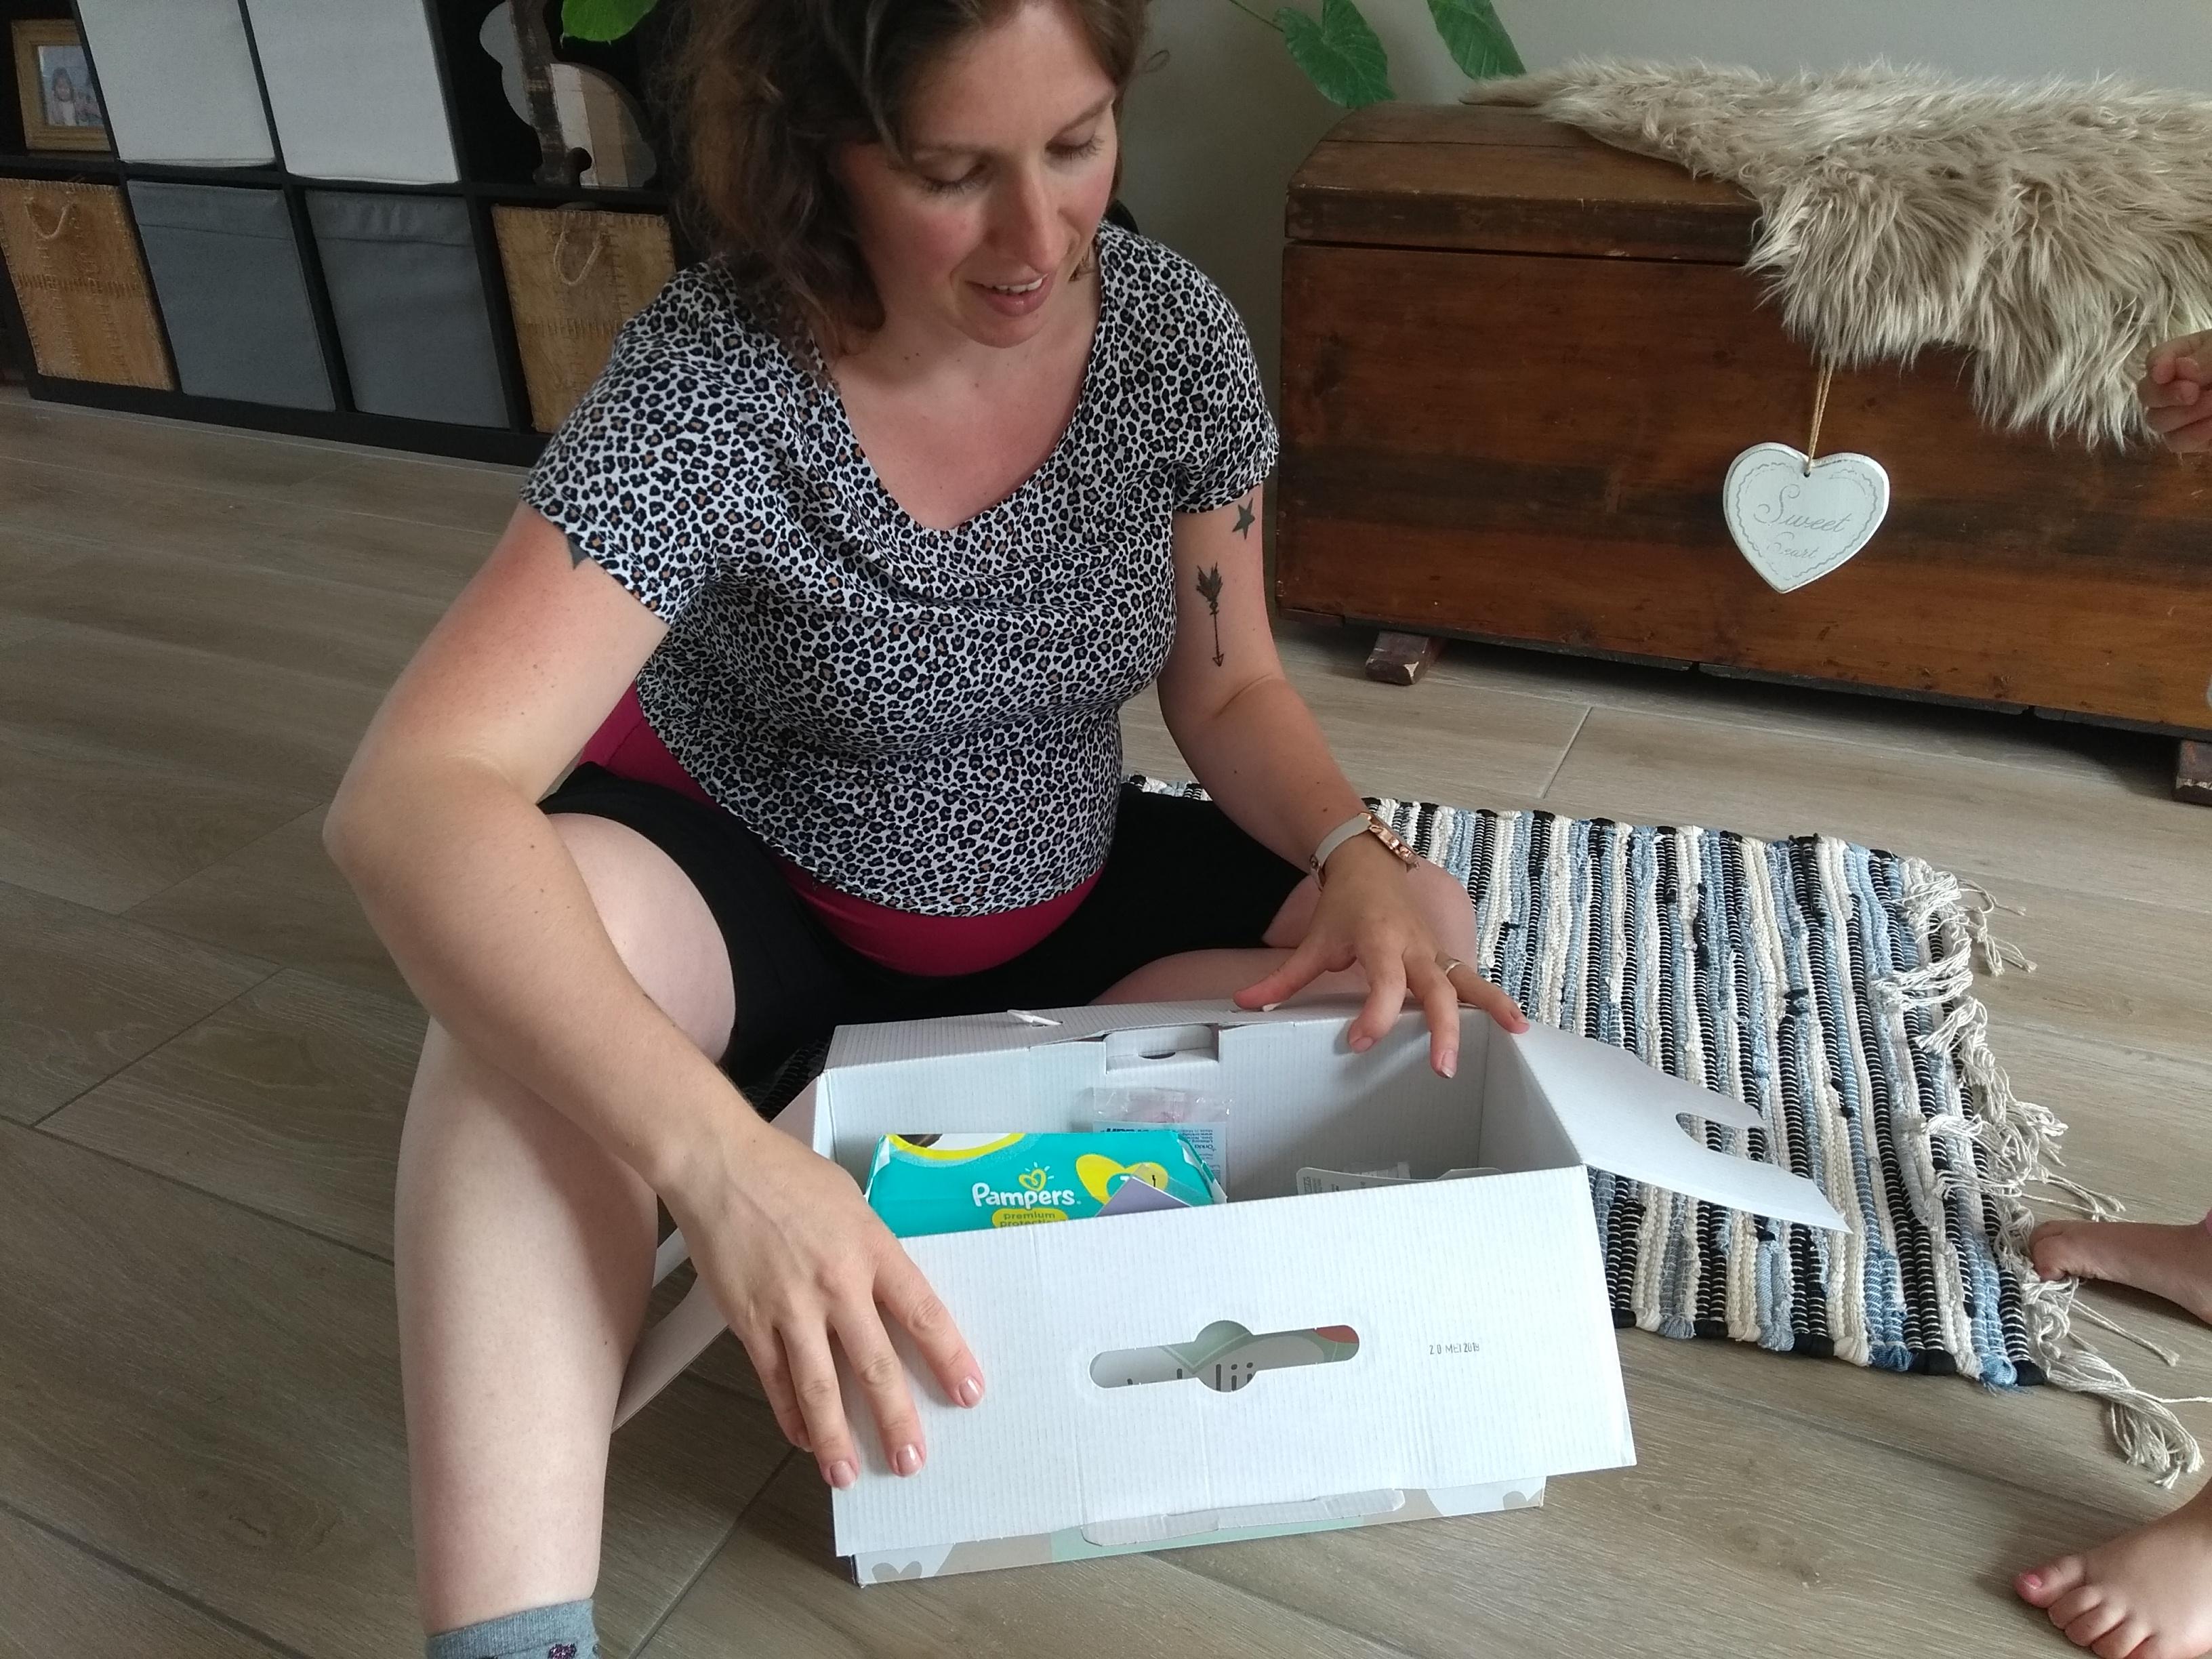 Blije Doos, de blije doos, unboxing, zwanger, zwangerbox, zwangerschap, prenatal blije doos, gratis zwangerbox, mamablog, mamaliefstyle, lalog, lalogblog, lalog.nl